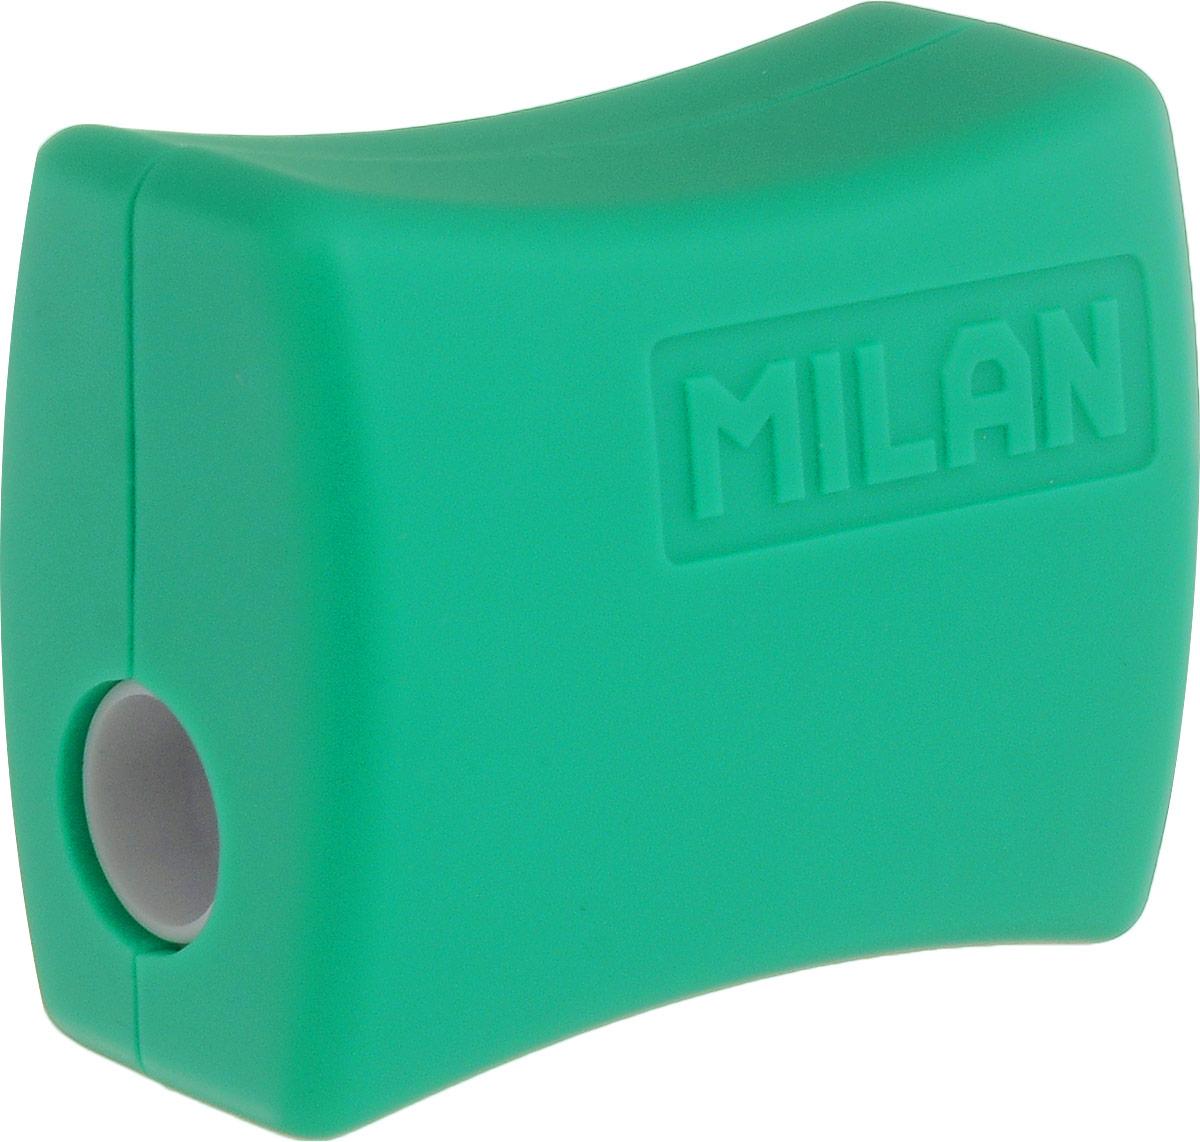 Milan Точилка Double с контейнером цвет зеленый20152918_зеленыйУдобная точилка Milan Double с контейнером оснащена безопасной системой заточки. Эта система предотвращает отделение лезвия от точилки. Идеально подходит для использования в школах. Стальное лезвие острое и устойчиво к повреждению. Идеально подходит для заточки графитовых и цветных карандашей